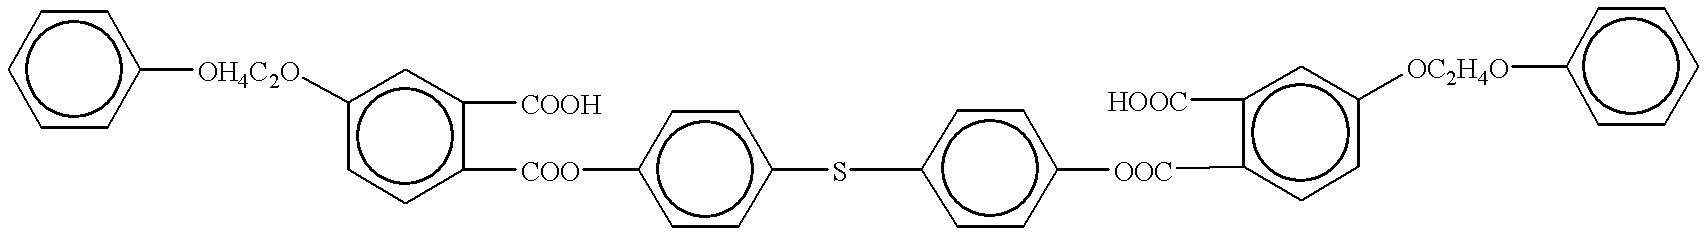 Figure US06180560-20010130-C00314